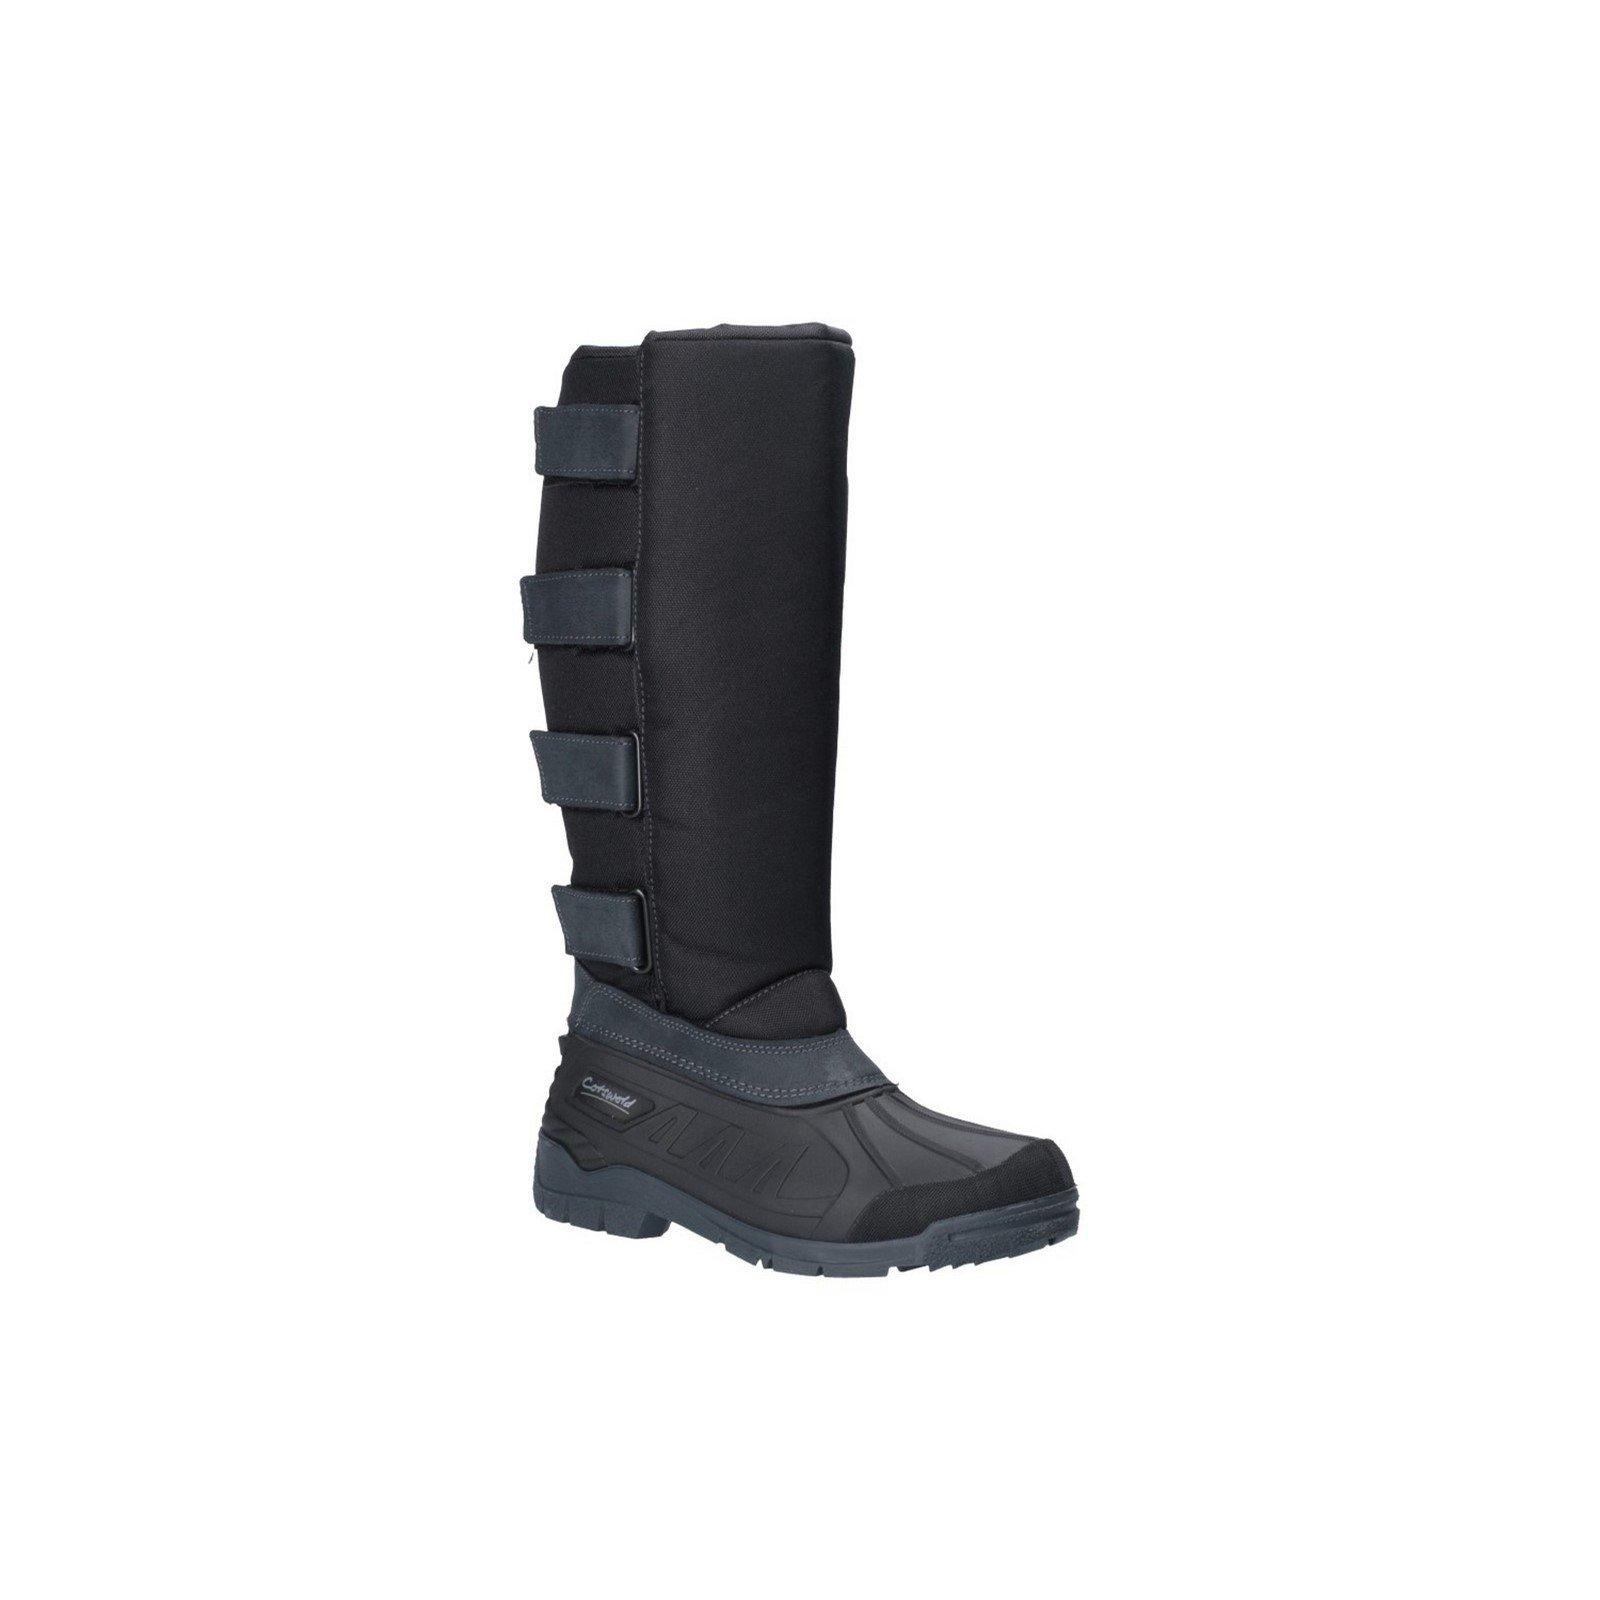 Cotswold Unisex Kemble Short Wellington Boot Black 26170 - Black 7